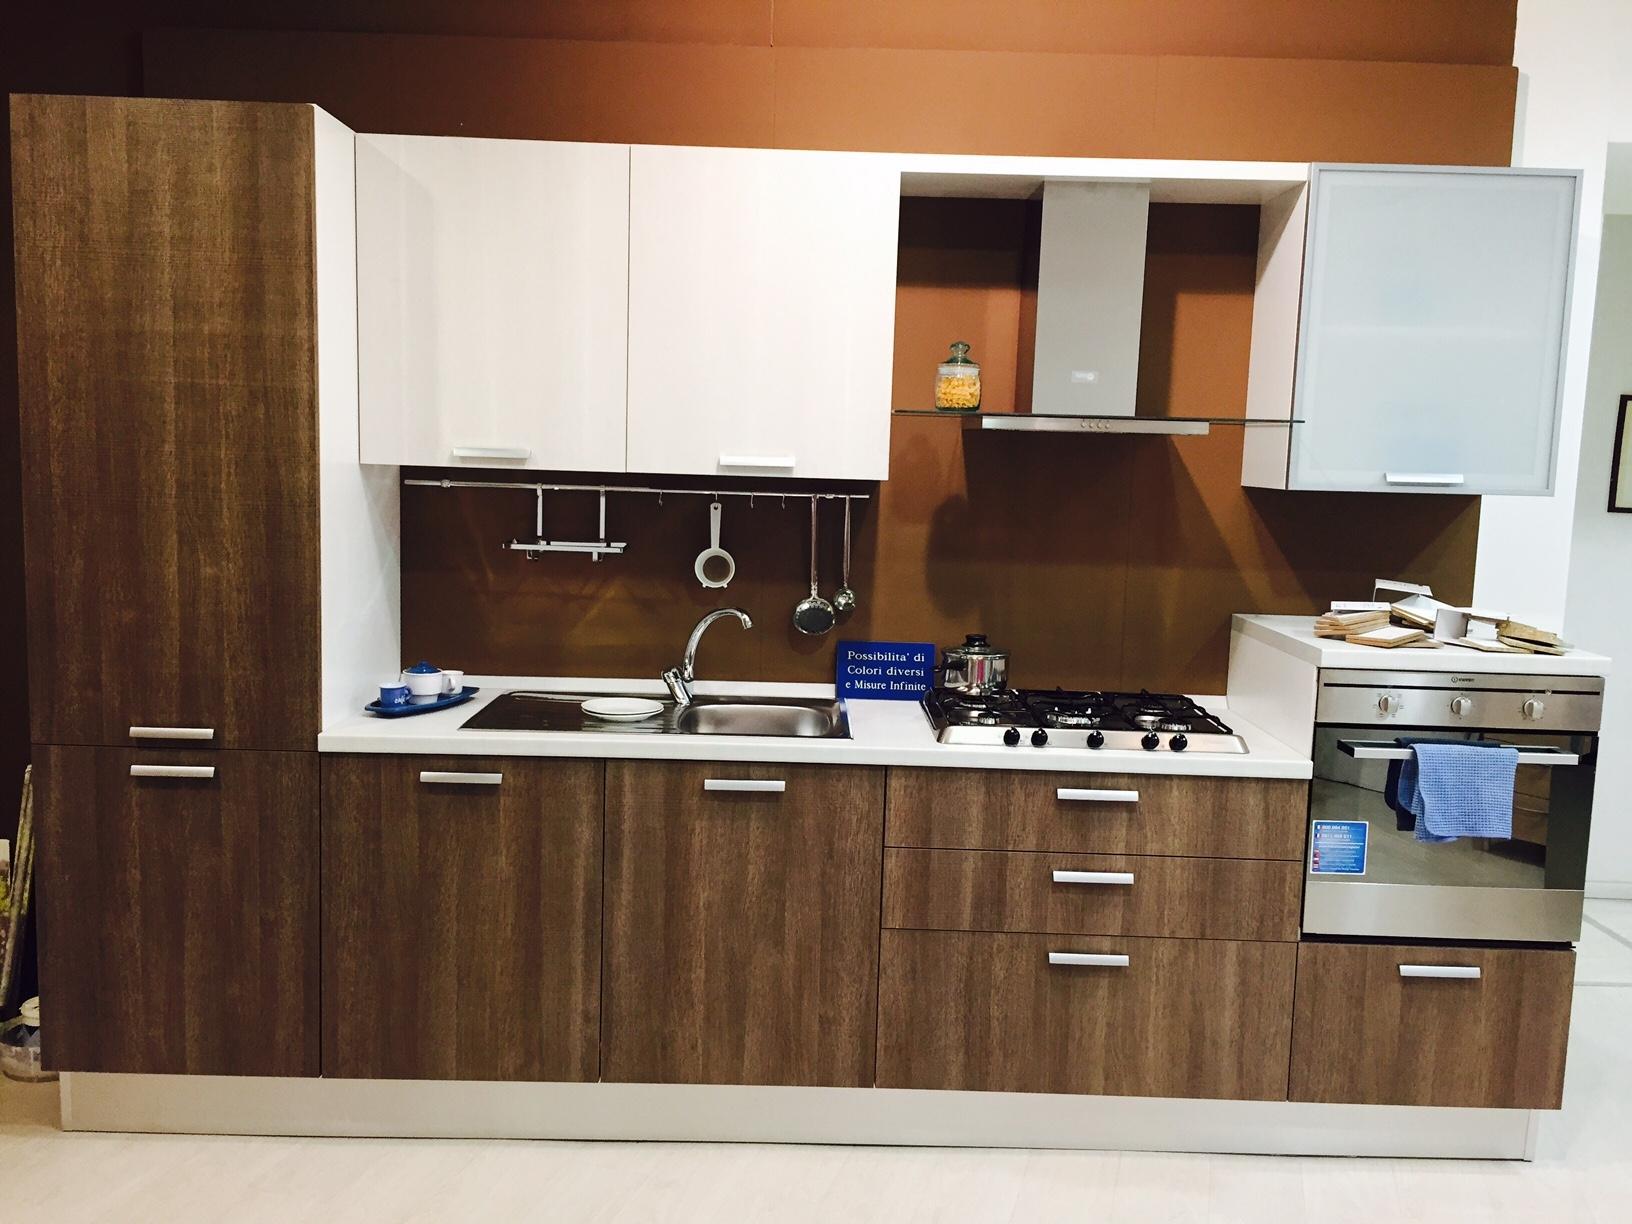 Cucina creo kitchens alma laminato materico cucine - Pensili cucina prezzi ...